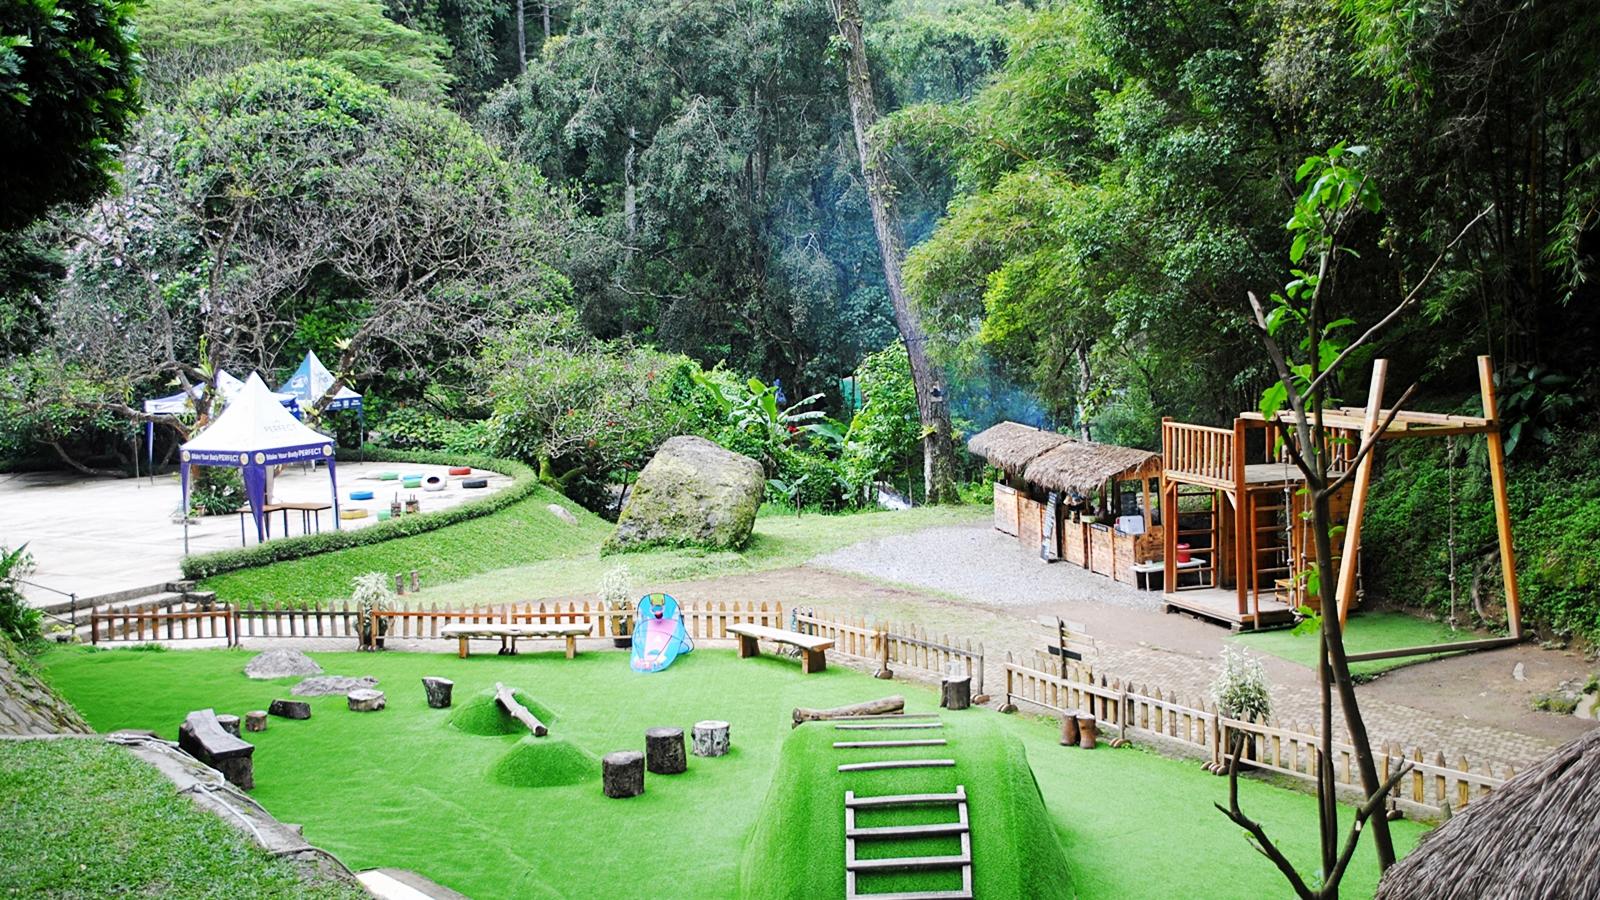 8 Tempat Wisata Di Bandung Yang Cocok Untuk Liburanmu Dan Keluarga